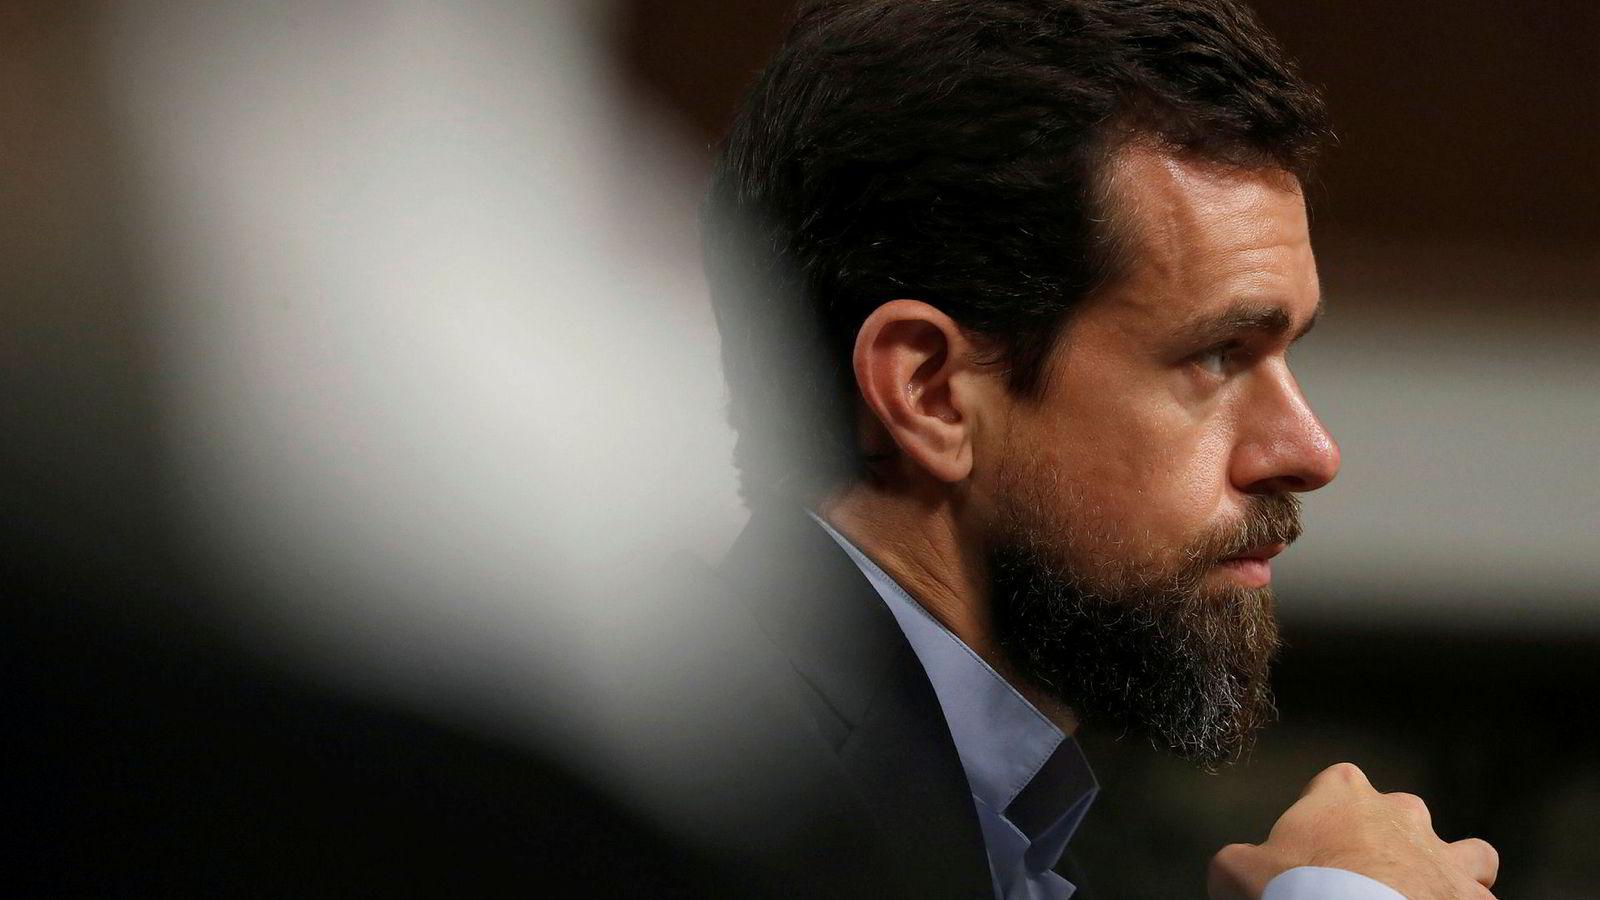 Twitter-topp Jack Dorsey avviser at selskapet tar politiske hensyn.